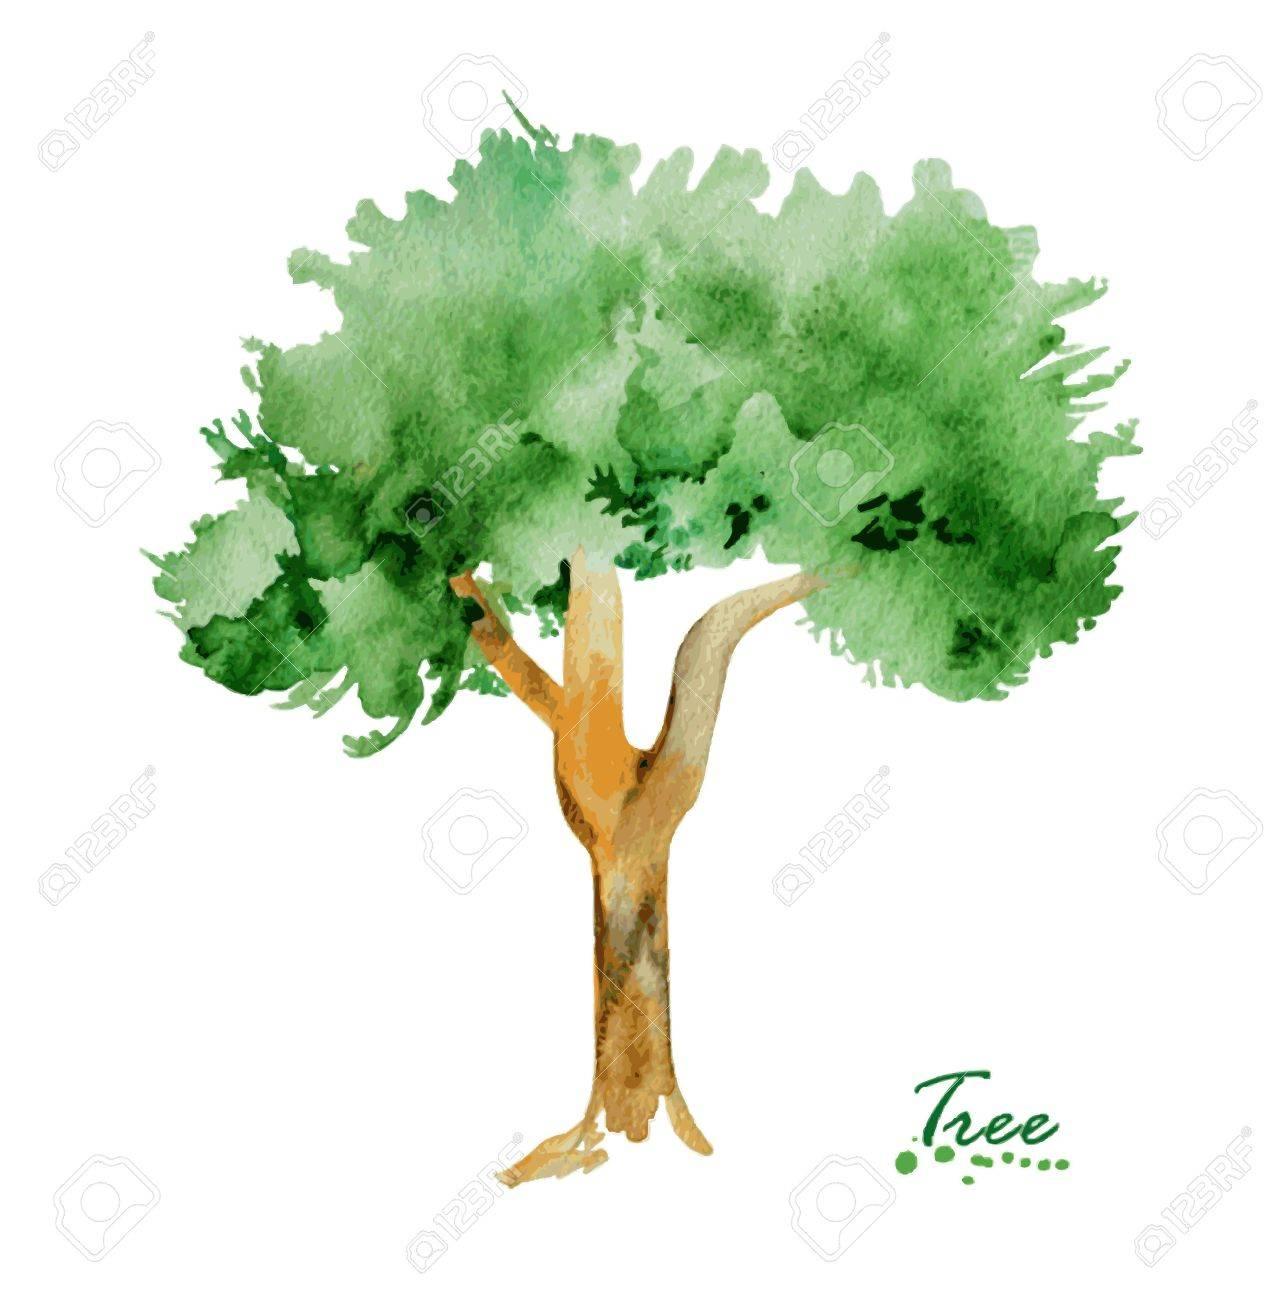 Aquarell Baum Mit Grunen Blattern Hand Gemalt Realistische